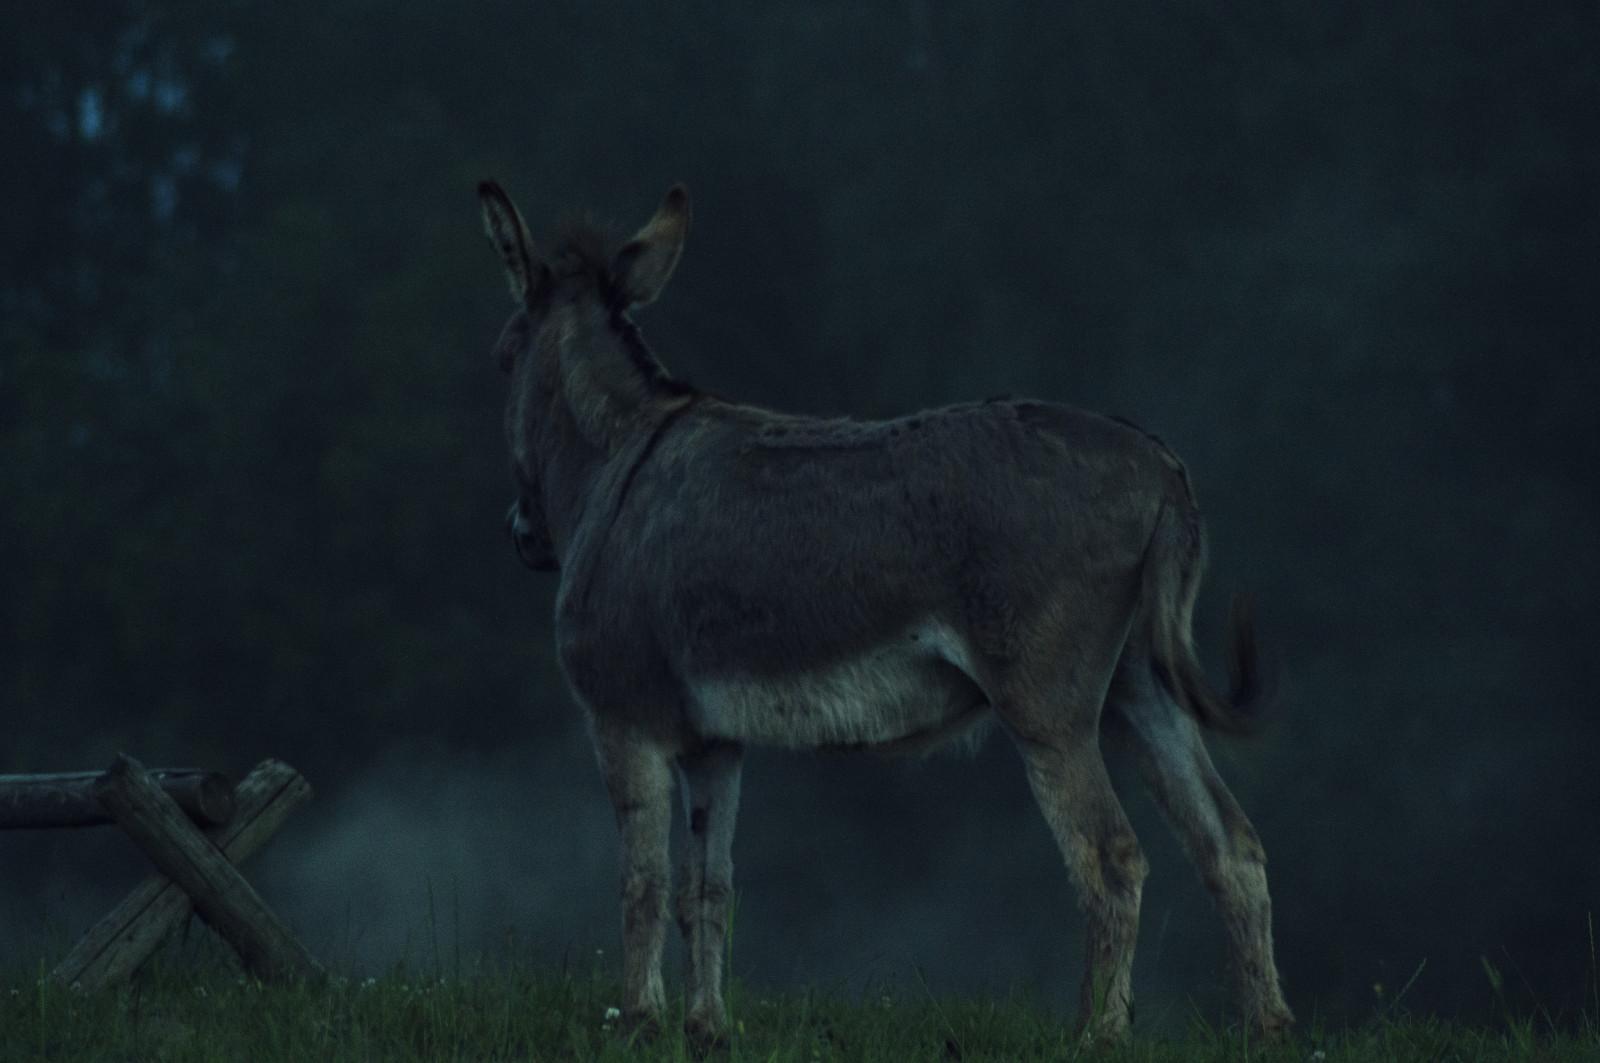 https://c.wallhere.com/photos/27/0a/animal_twilight_nikon_dusk_smoke_donkey_lonely_d3200-778902.jpg!d